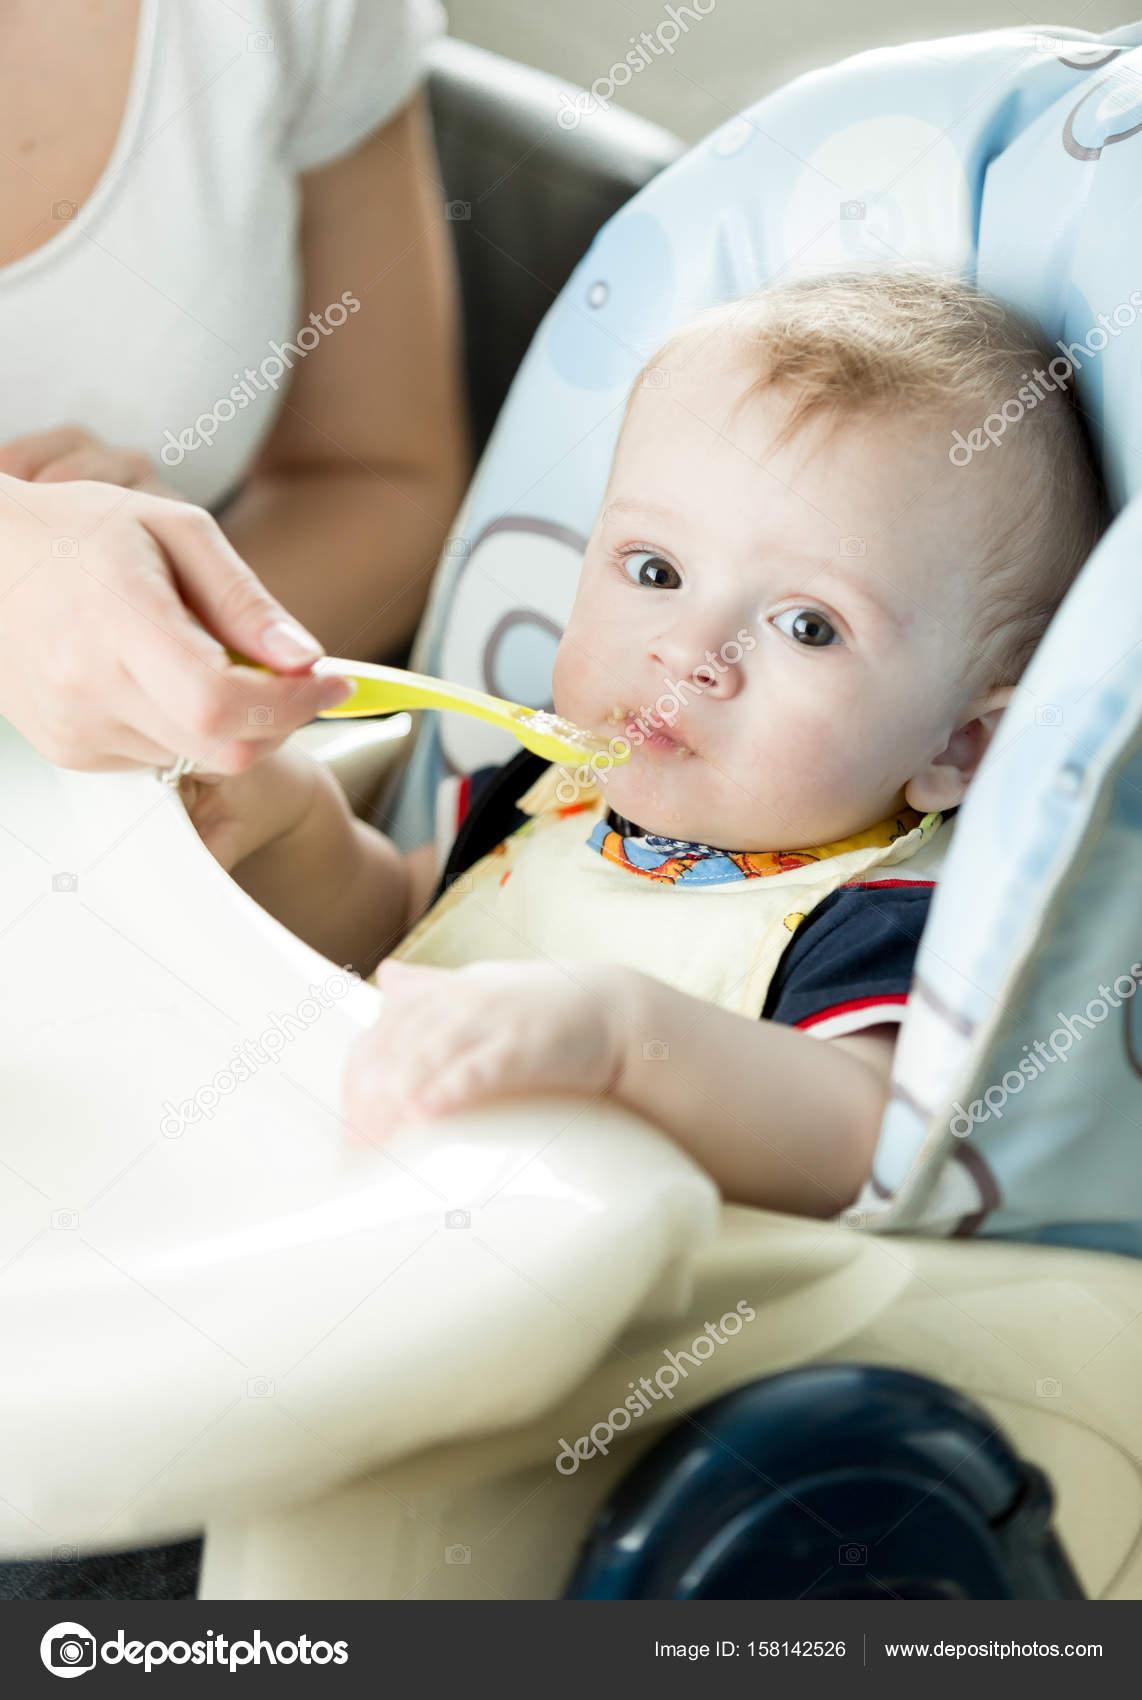 b78f4aff33e Χαριτωμένο 9 μηνών μωρό αγόρι τρώει από το κουτάλι — Φωτογραφία Αρχείου